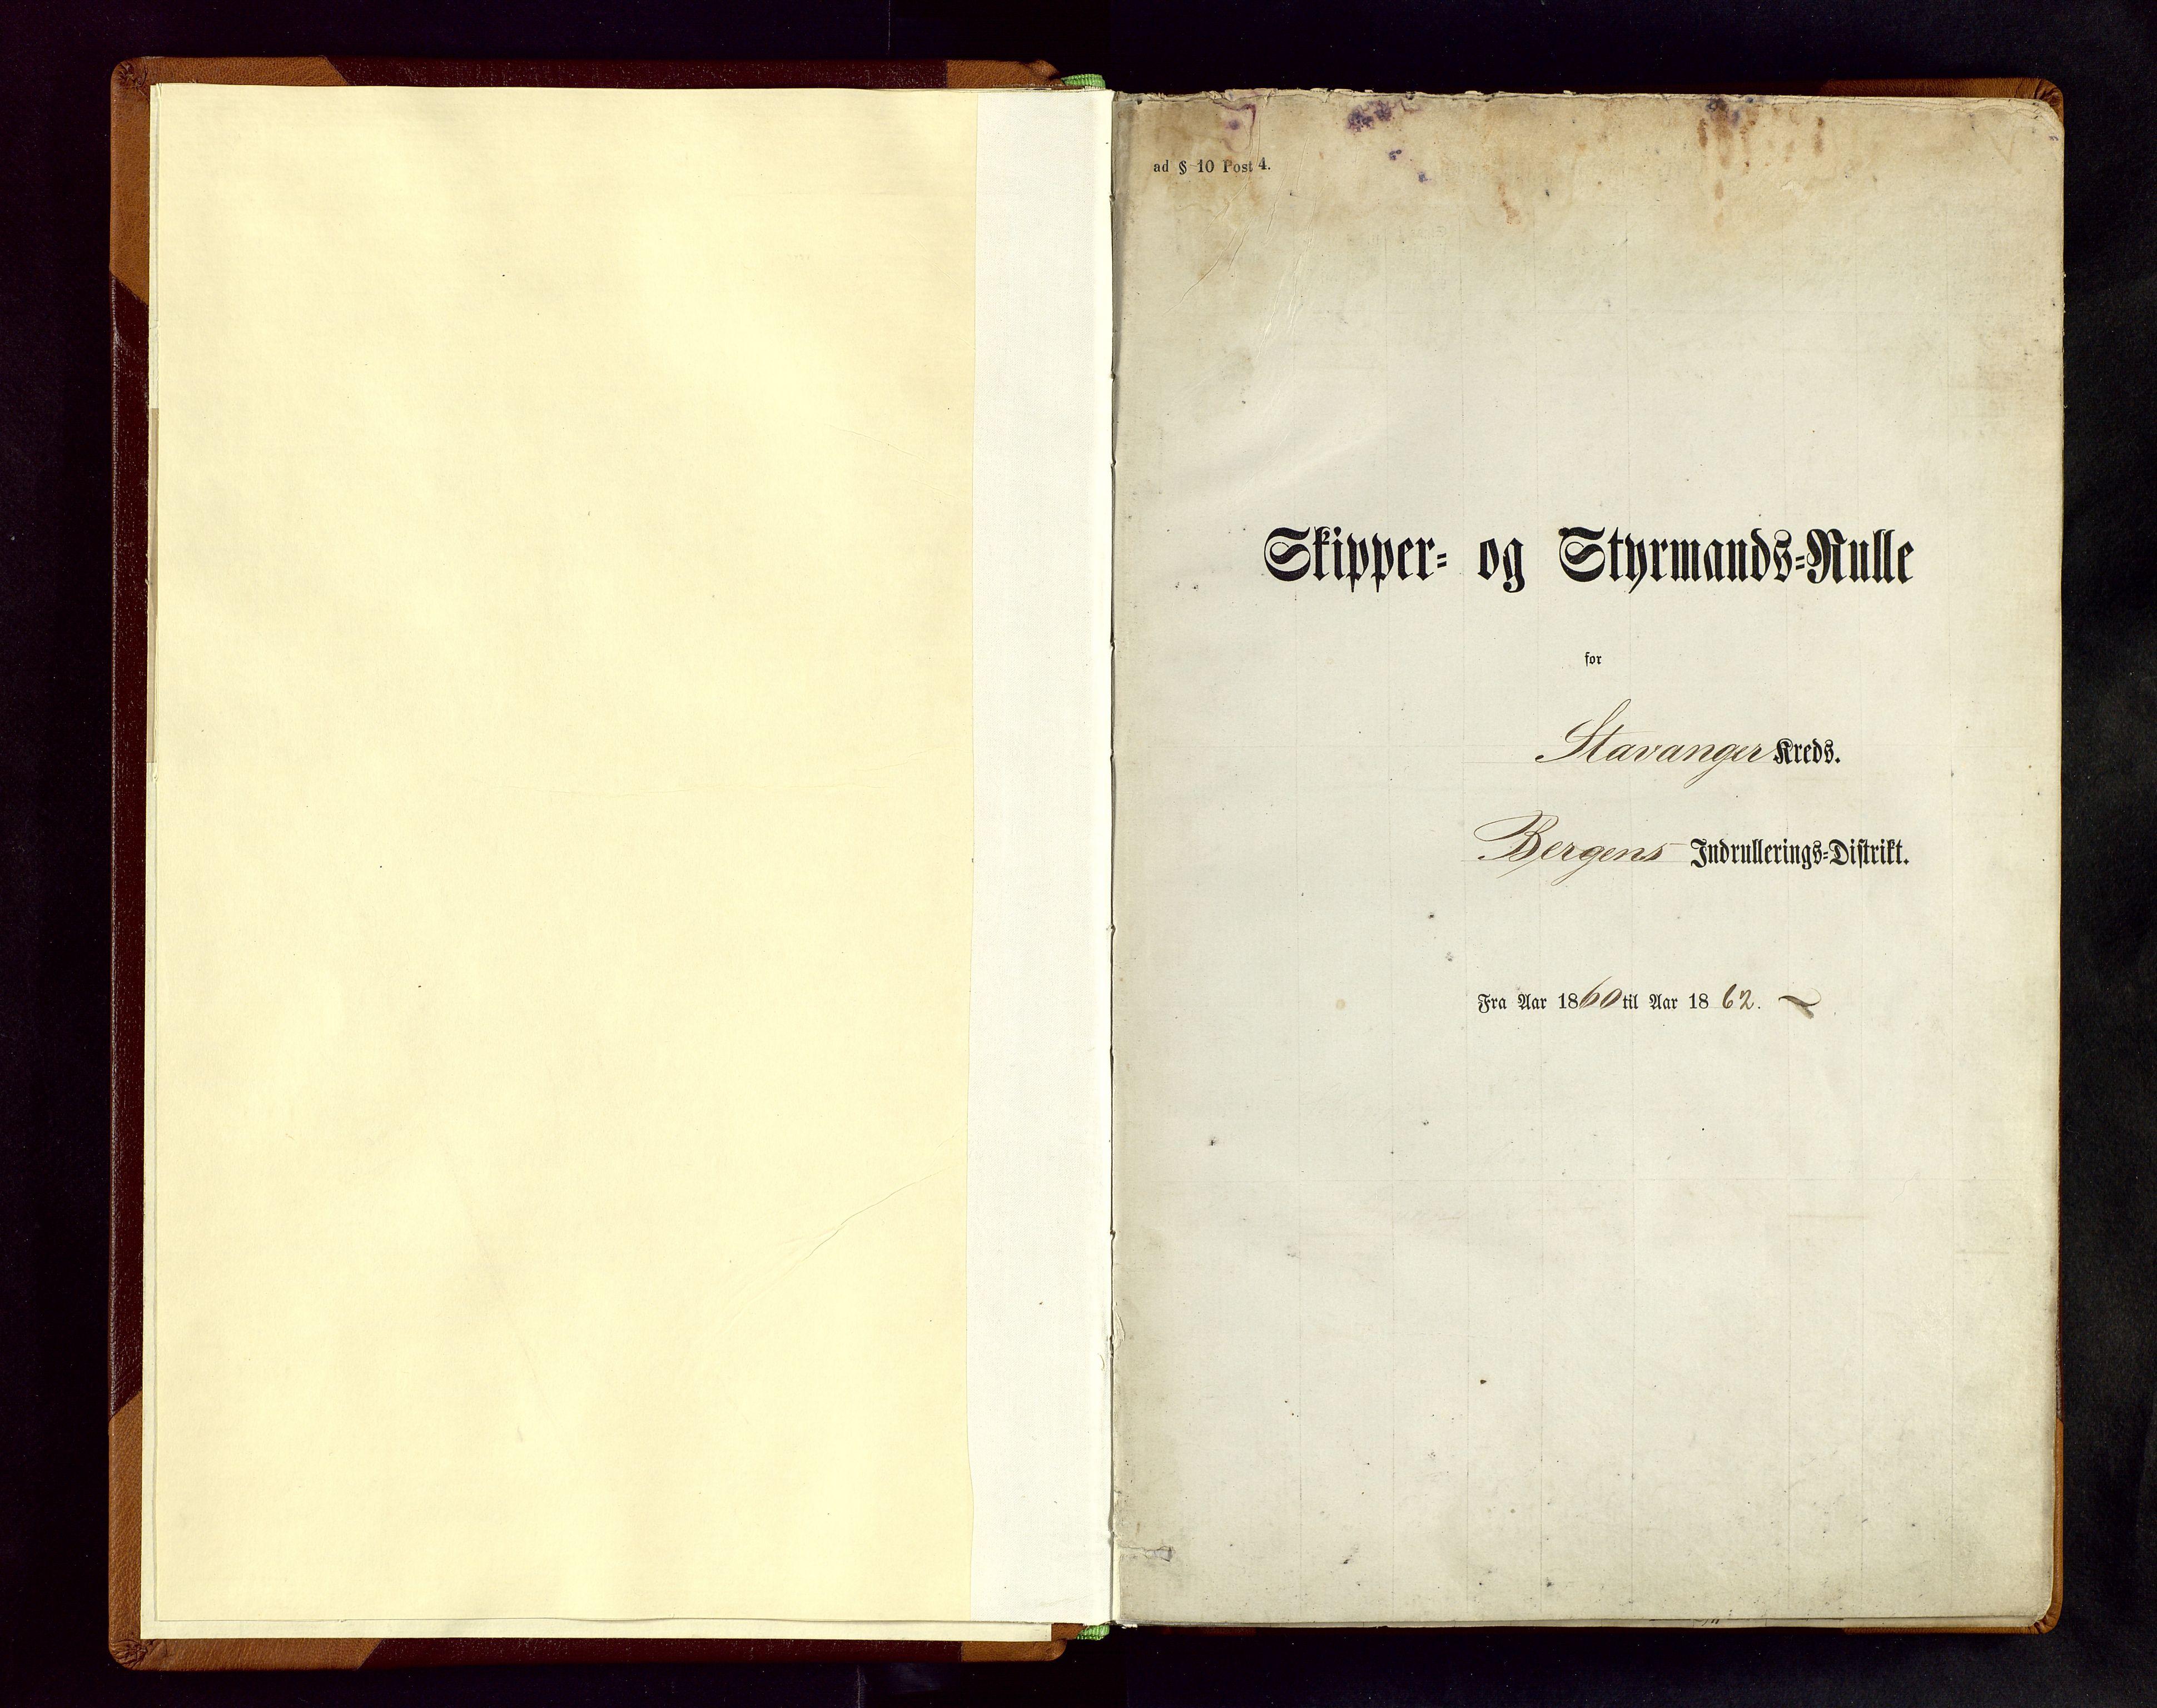 SAST, Stavanger sjømannskontor, F/Fc/L0001: Skipper- og styrmannsrulle, patentnr. 1-518, 1860